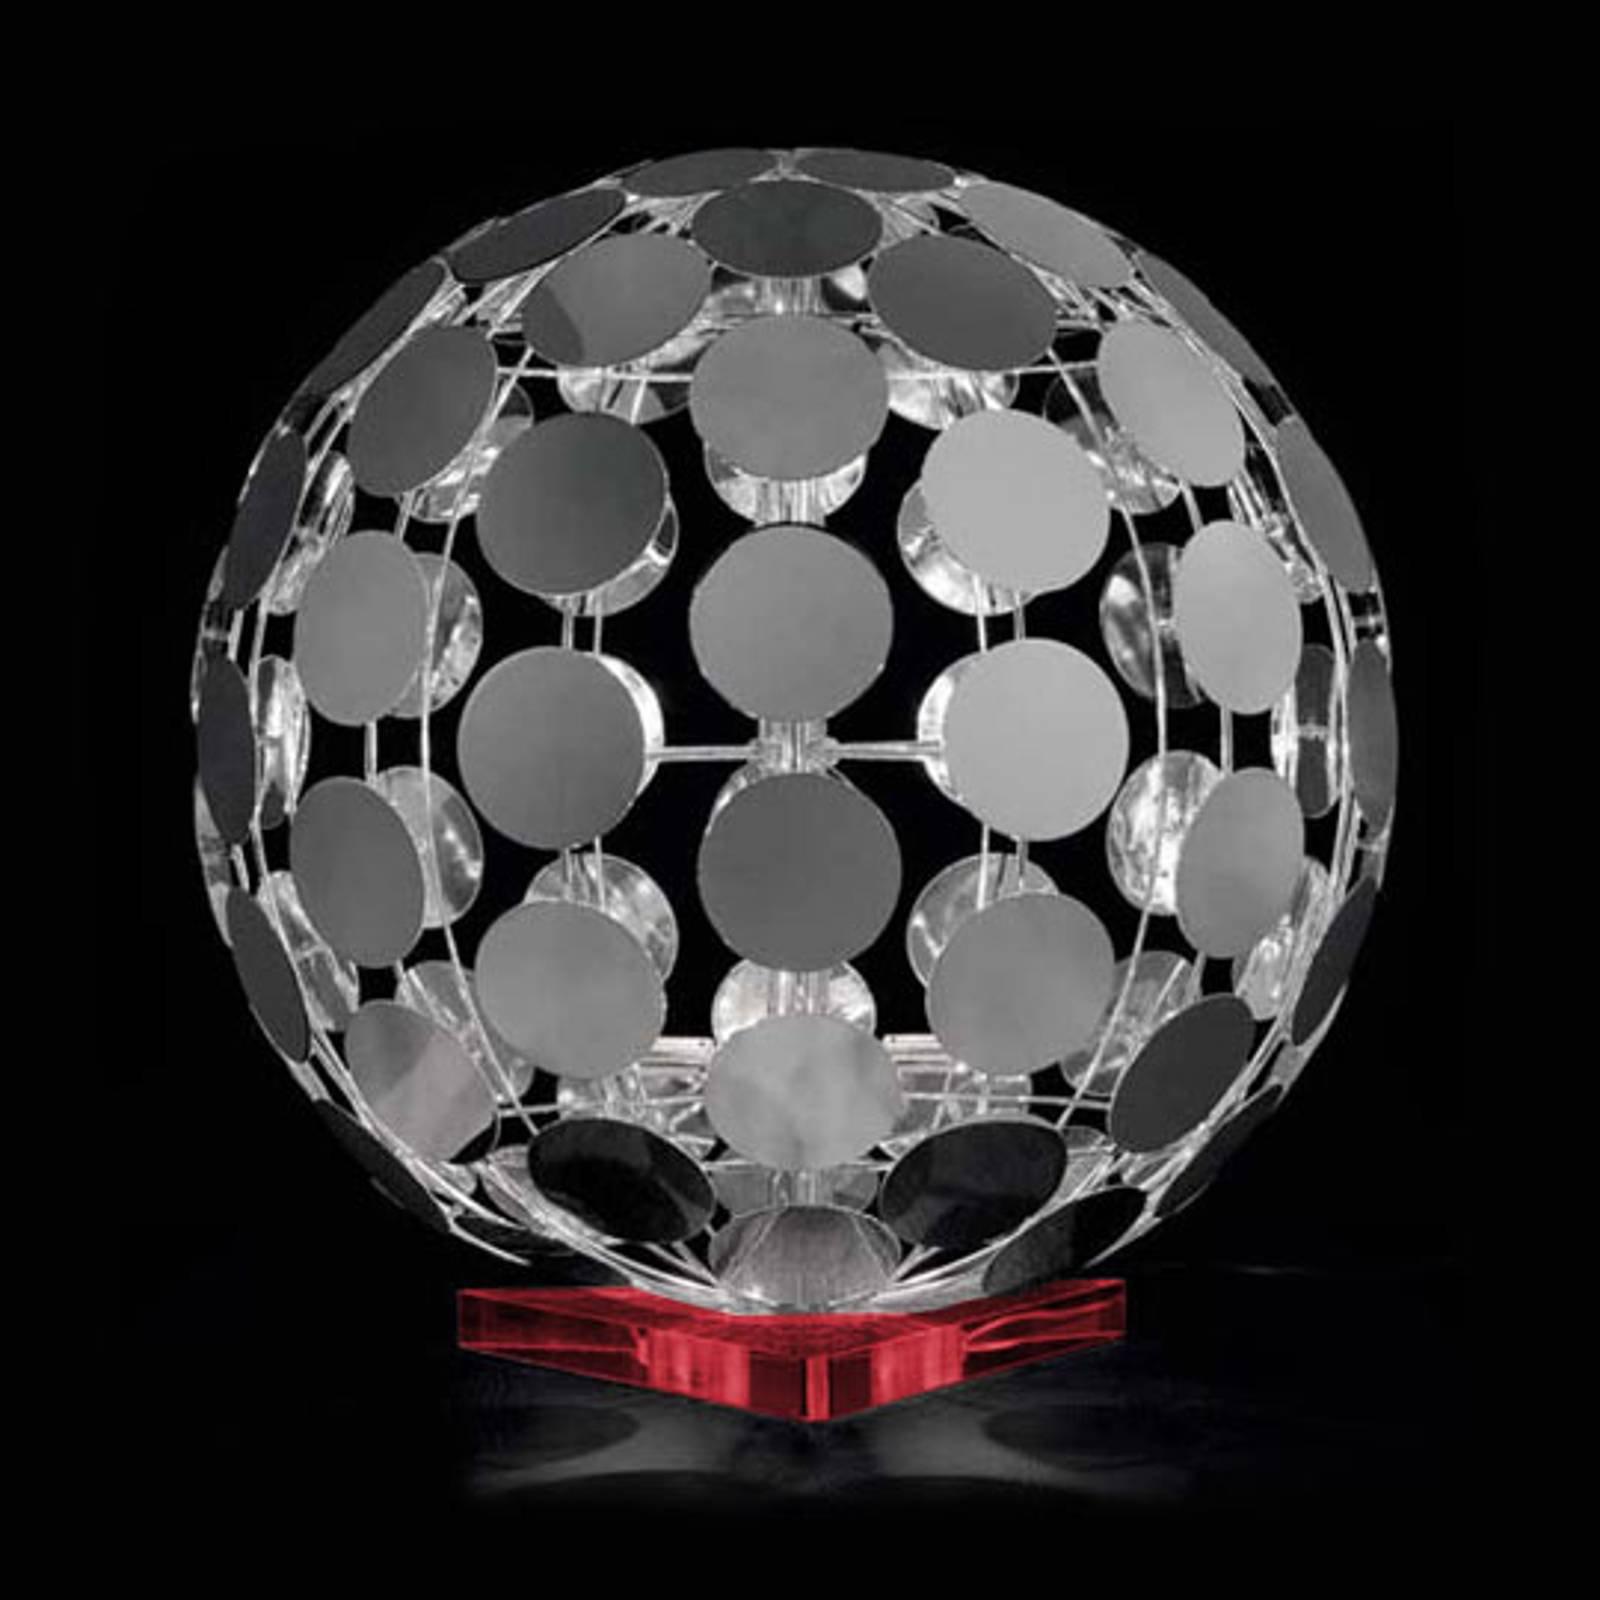 Sfera bordlampe med rød fot, 60 cm